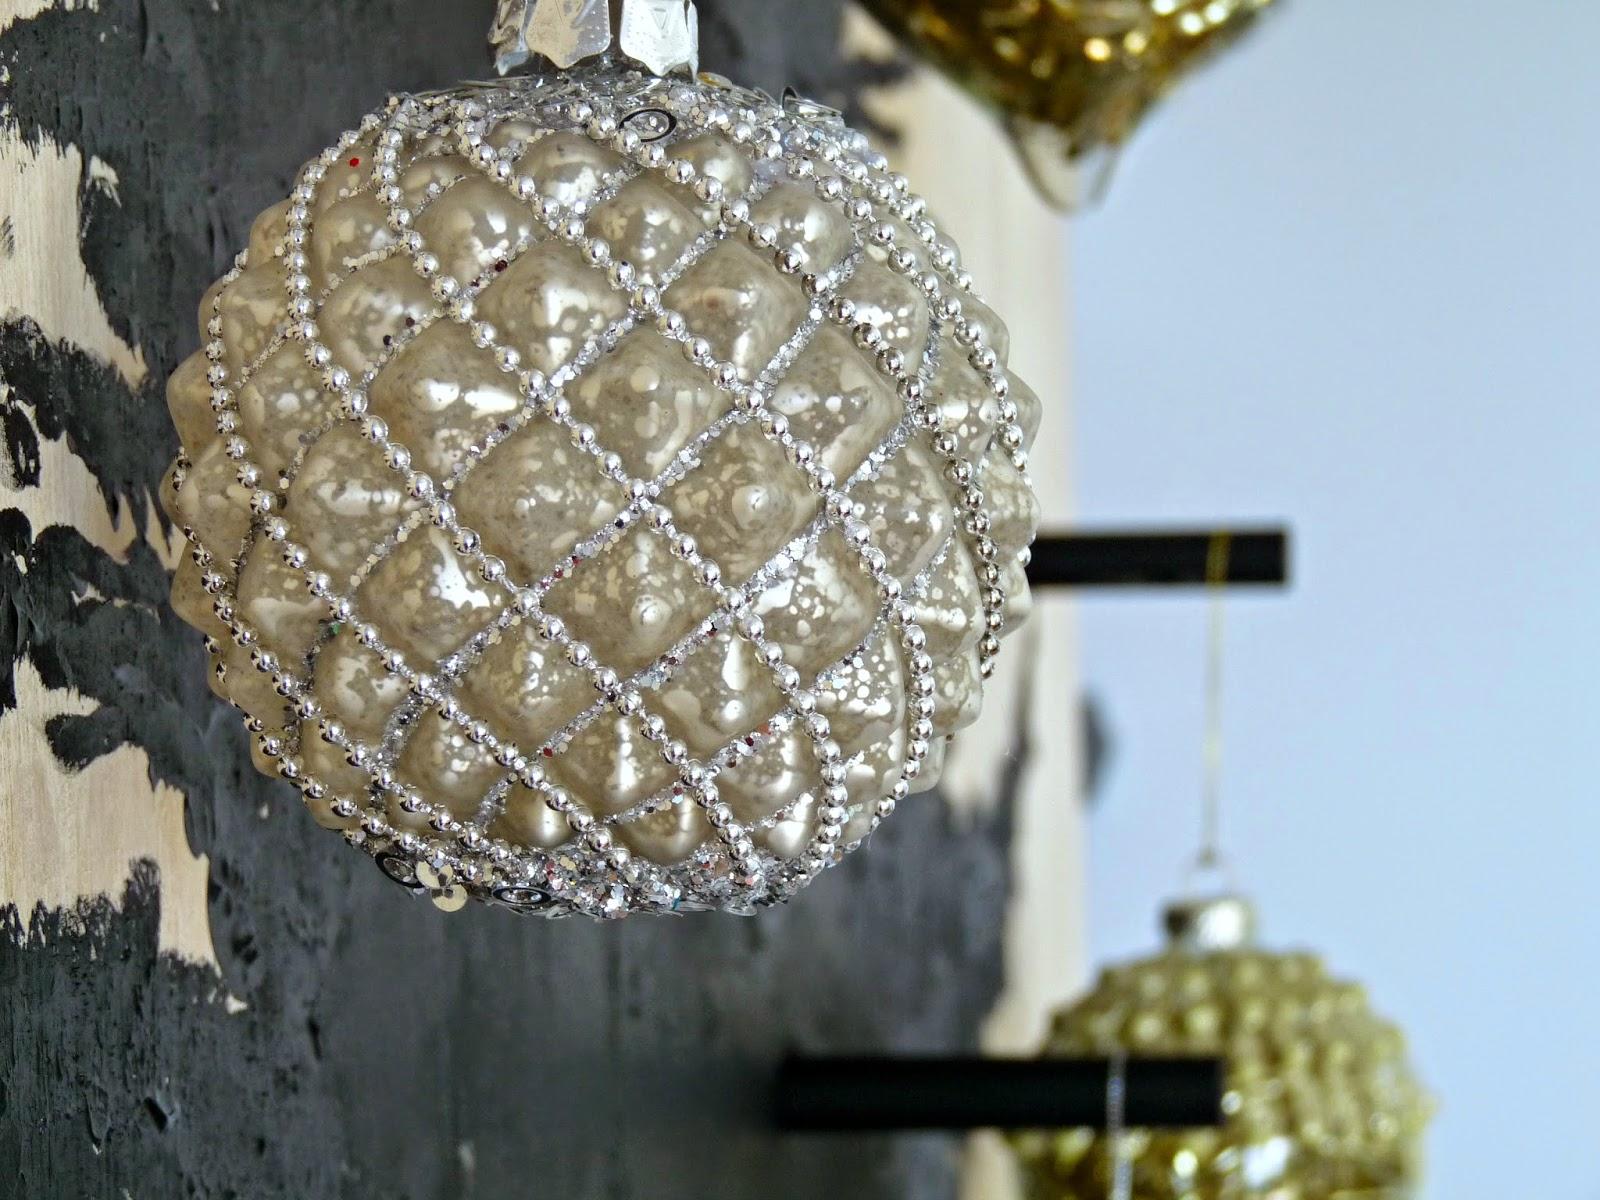 Gold ornaments